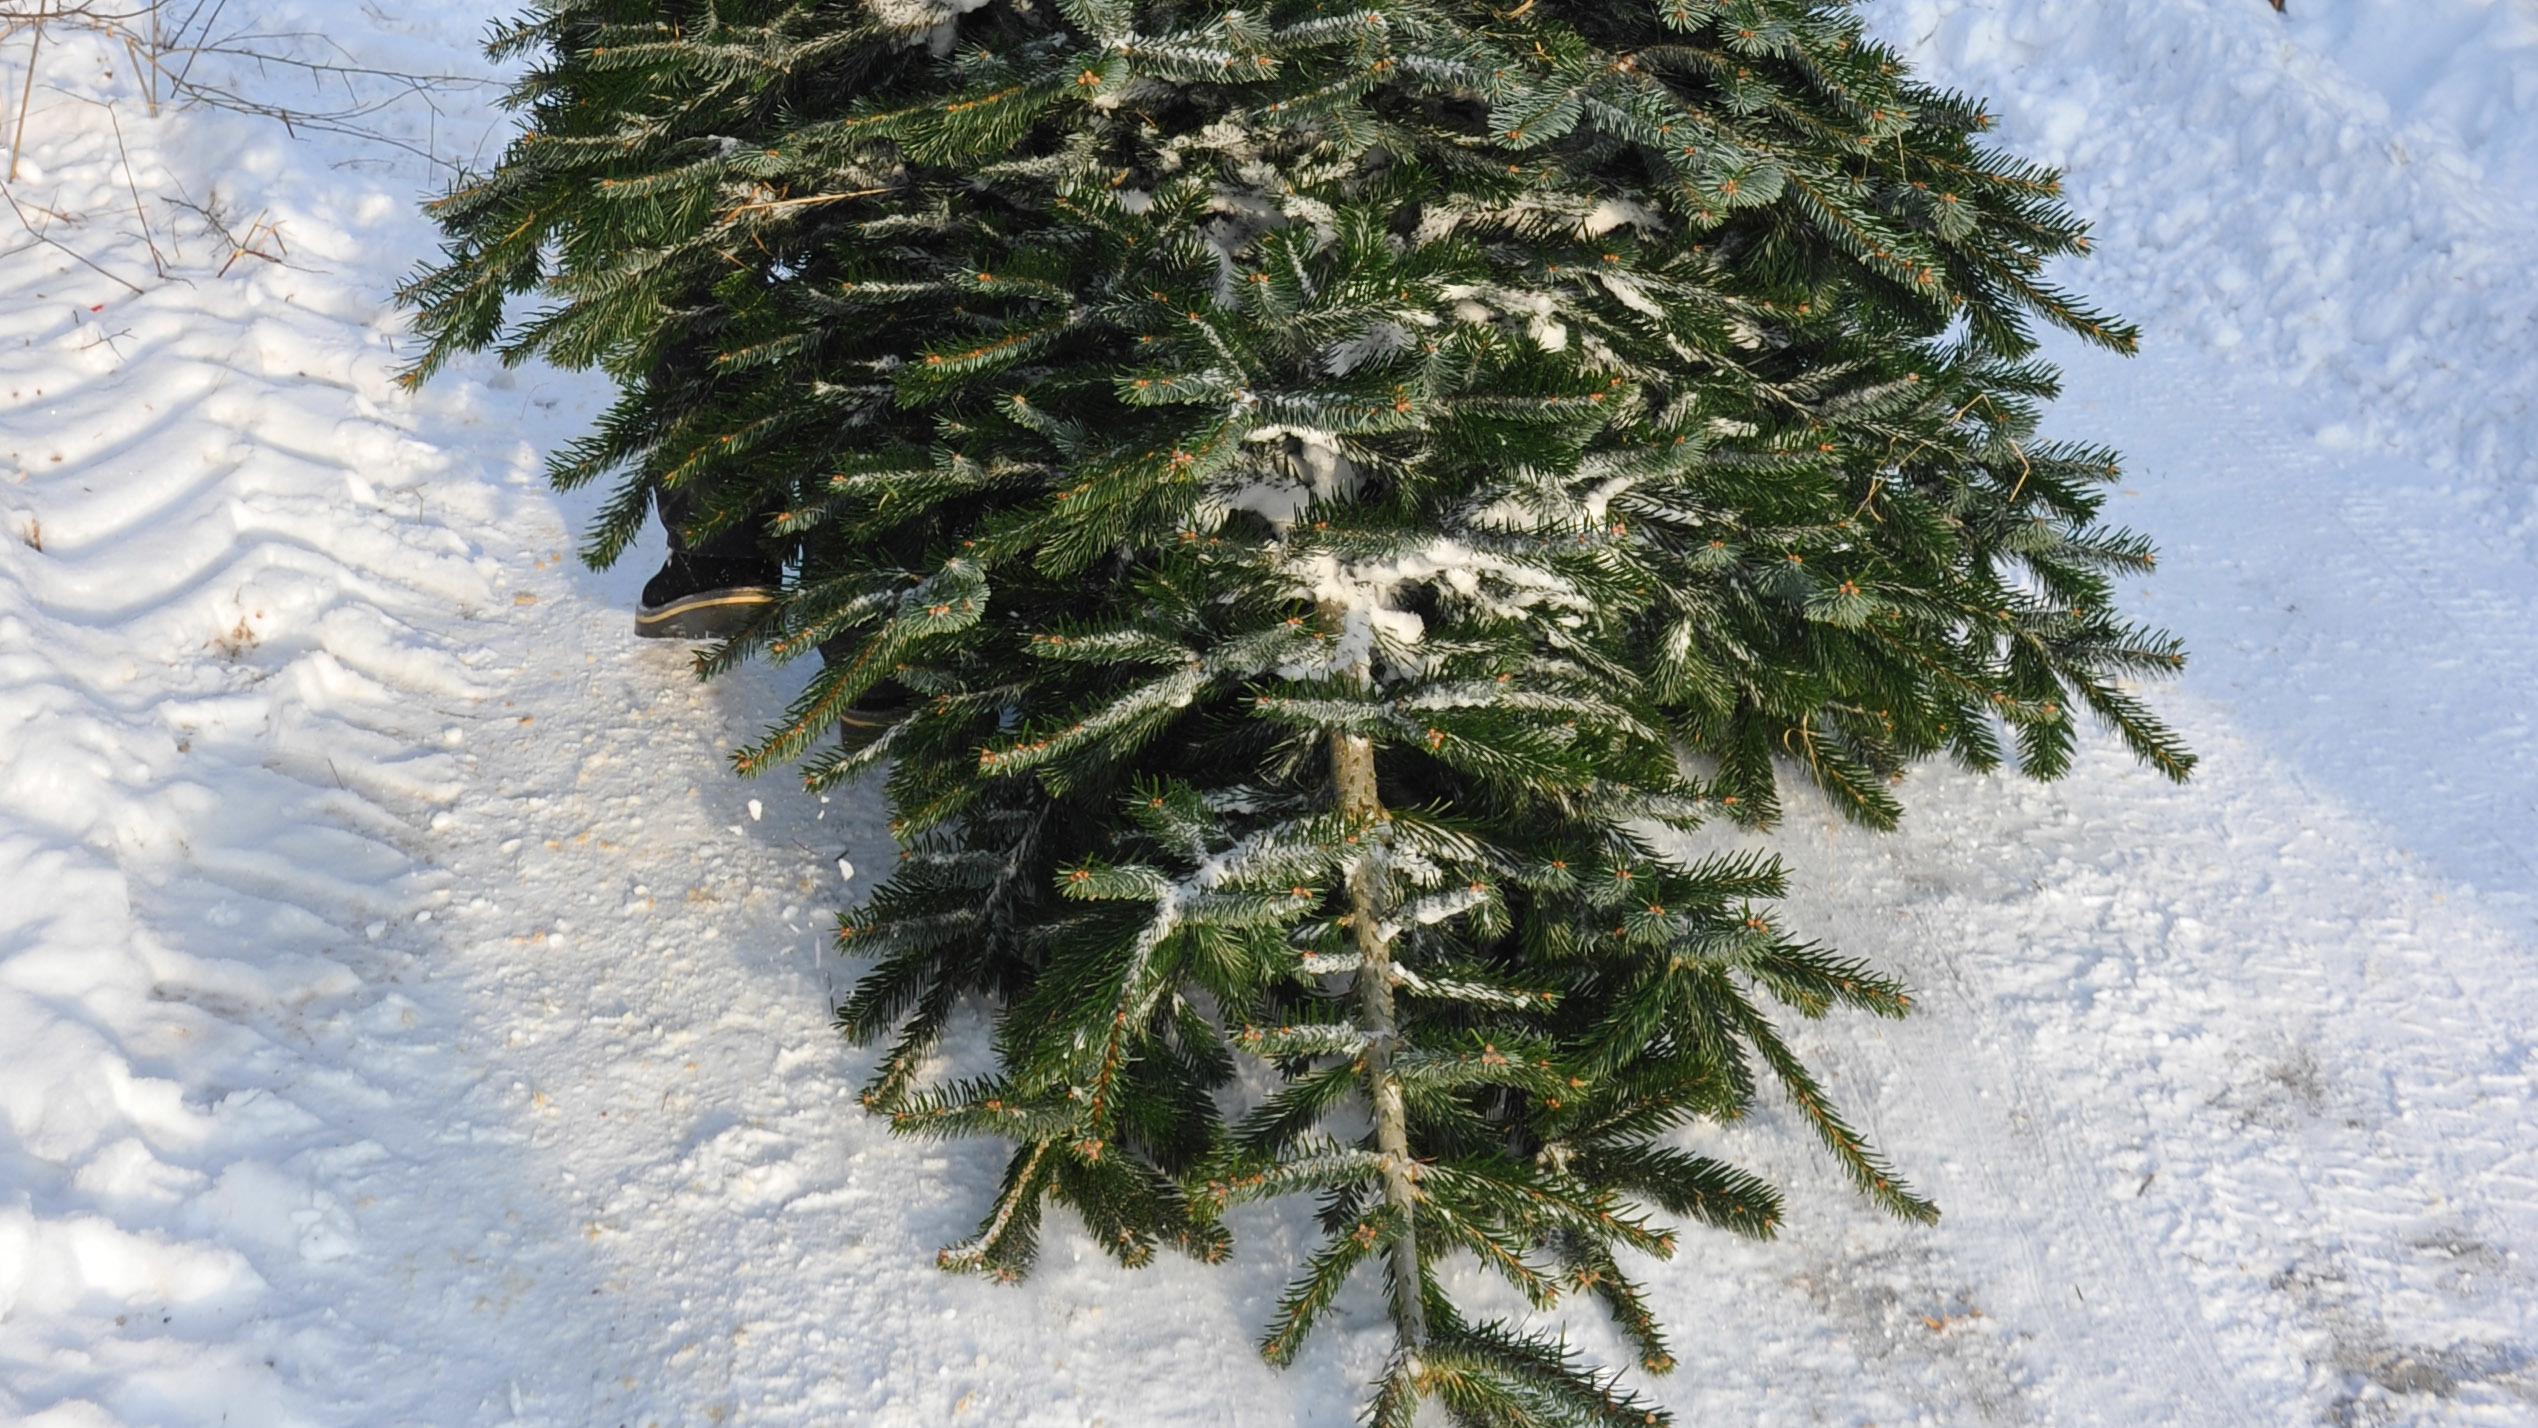 Tannenbaum auf Schneeboden